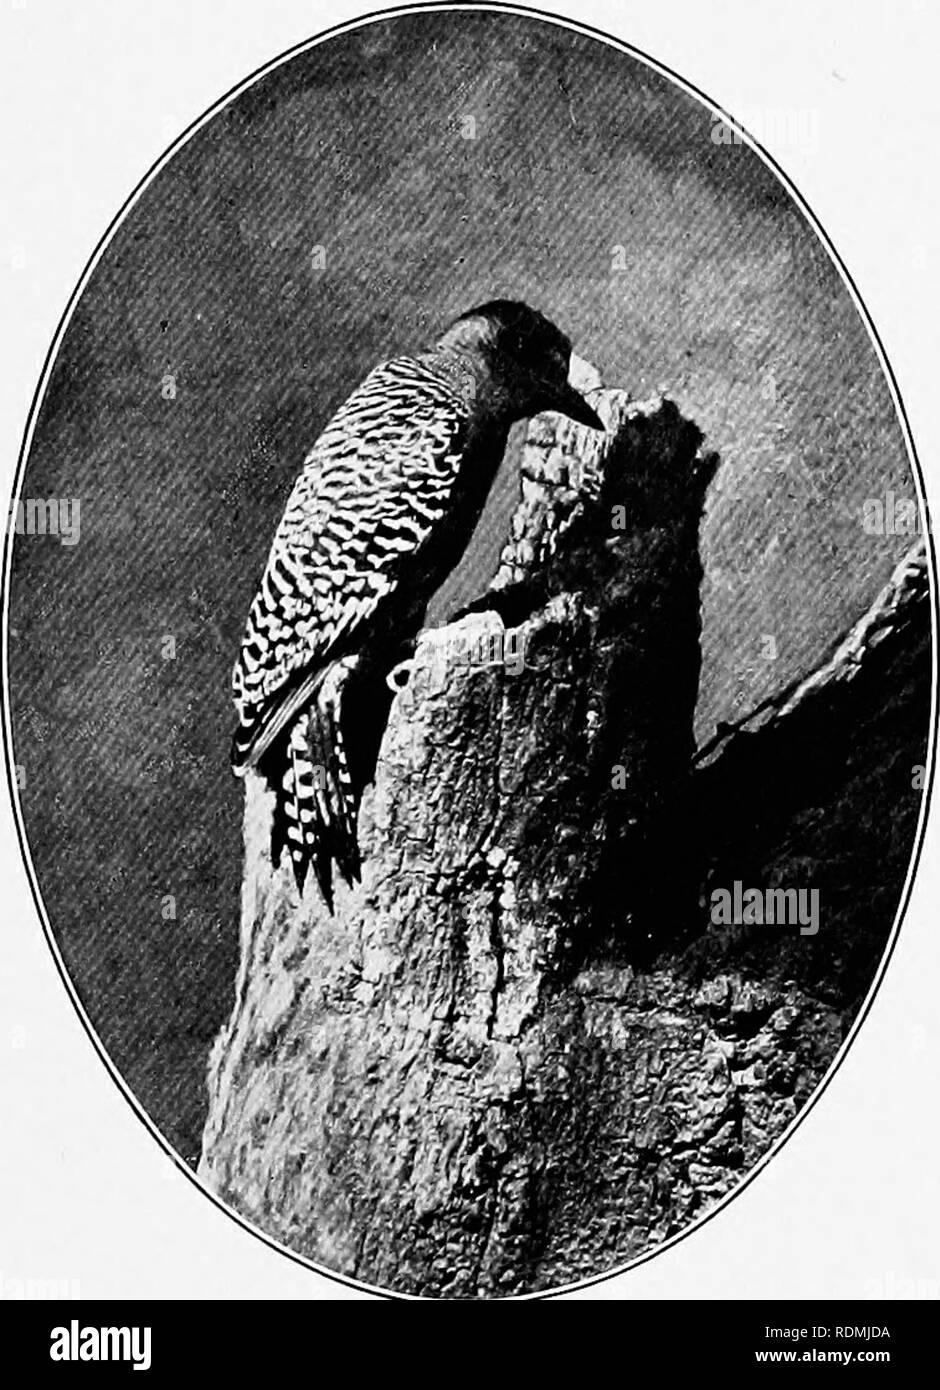 """. Zwei Vogel-Liebhaber in Mexiko. Natural History; Vögel. :::::::: """"V CAMPING IN EINEM BARRANCA m::::::::: Red-bellied Woodpecker, die gemeinsame Vogel unserer Atlantischen Staaten. Diese Vögel bleiben den ganzen Winter über gekoppelt, und sind für immer zu einander. Elegante SPECHT ihr lautes Schreien klingeln scharfe über alle anderen Sounds. Diese Gewohnheit, die zusammen mit ihren auffälligen schwarzen und weißen Rücken und roten Kappen, macht sie Prominente in der Vogelwelt in diesem Teil von Mexiko. Sie. o^147 #"""". Bitte beachten Sie, dass diese Bilder aus gescannten Seite Bilder, Ziffer wurden extrahiert werden Stockbild"""